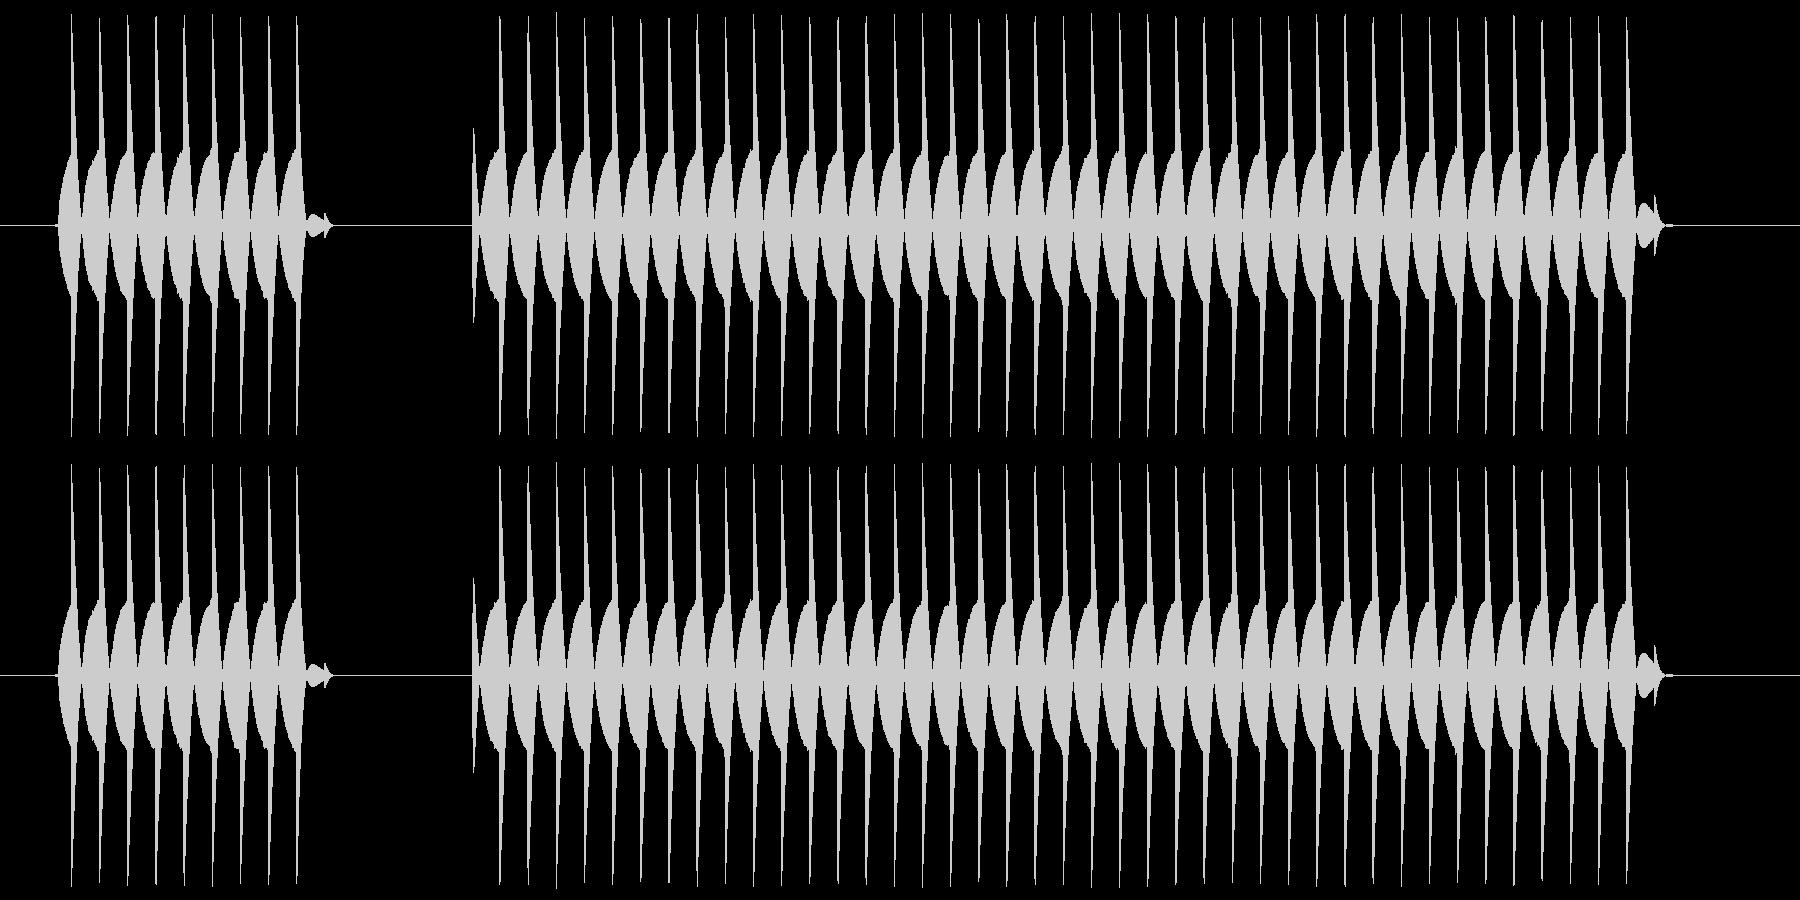 ブブー、というクイズの不正解音ですの未再生の波形